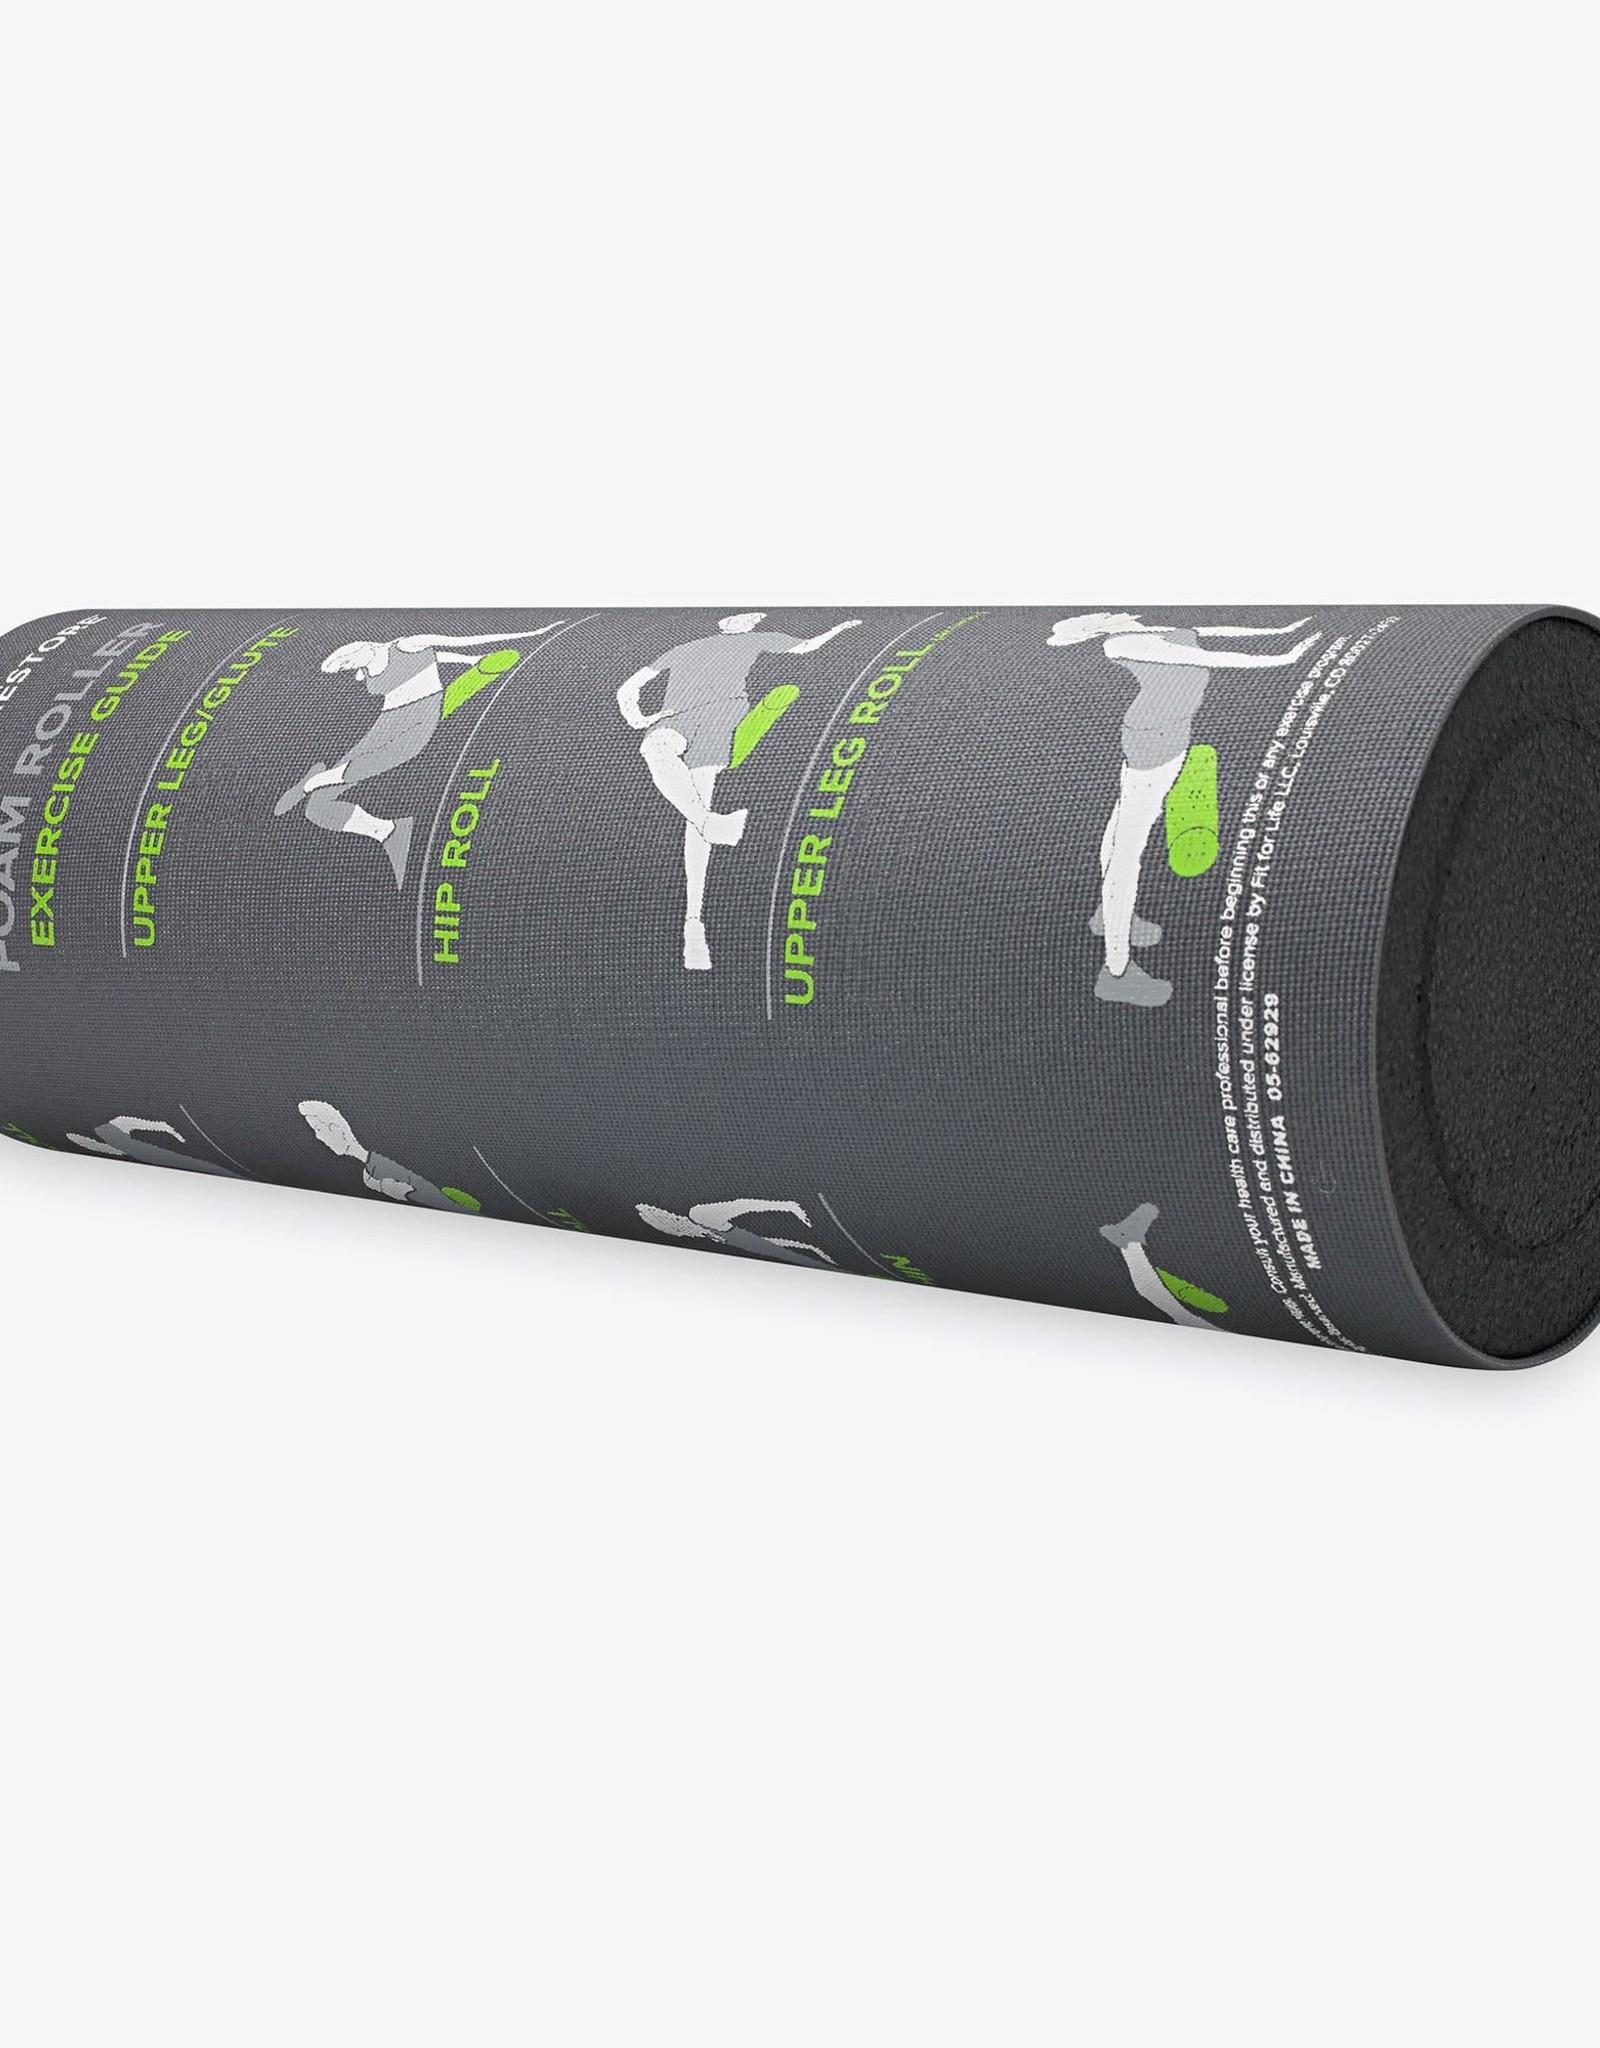 Gaiam Gaiam Restore Self-Guided Foam Roller